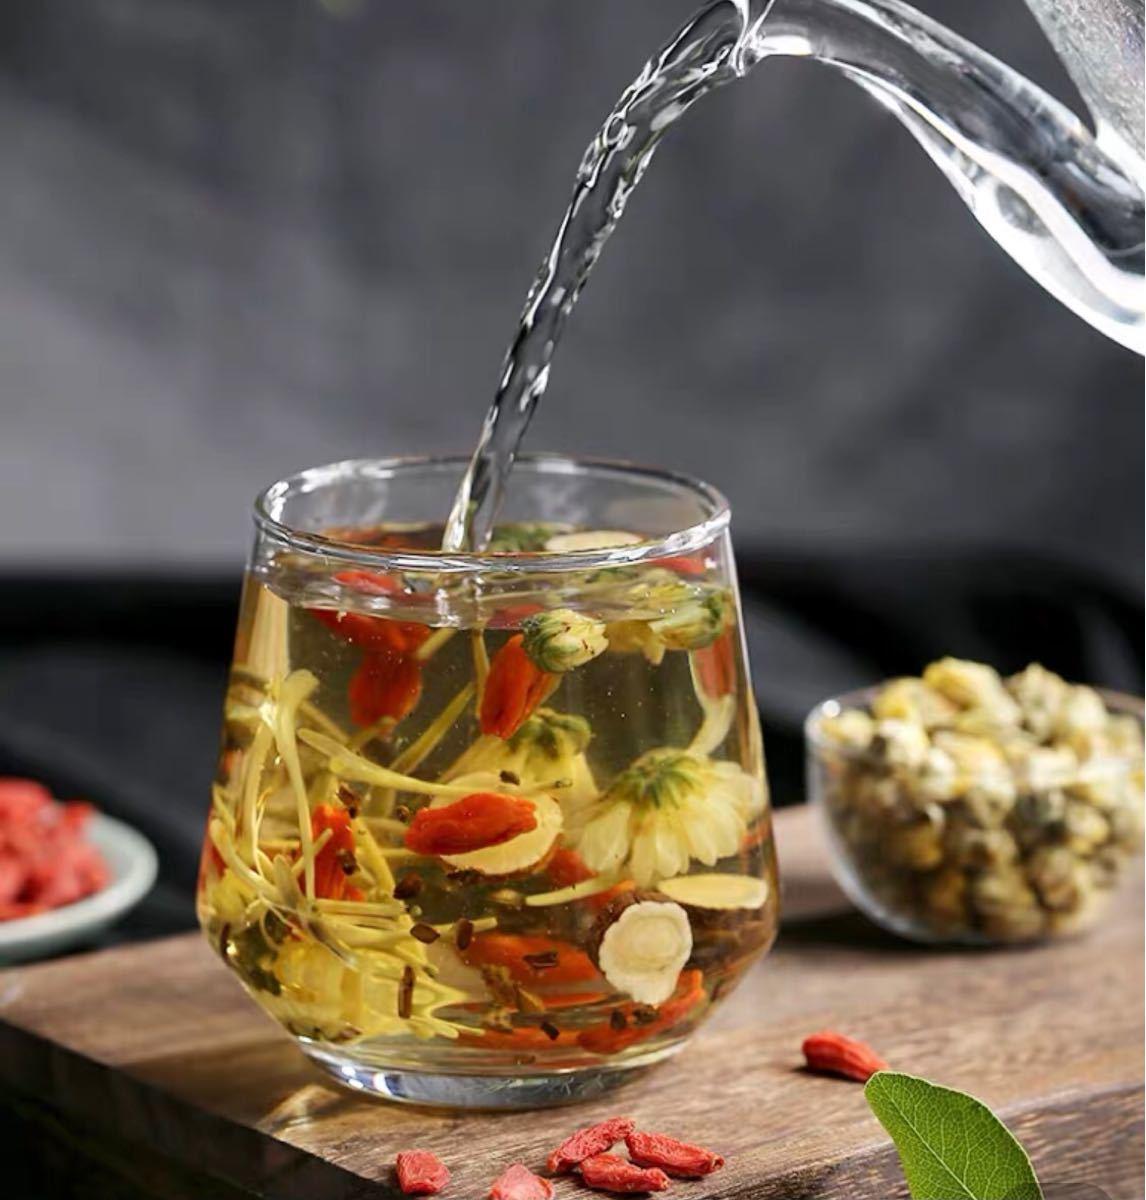 薬膳茶 菊花决明子茶 中国茶 健康茶 美容茶